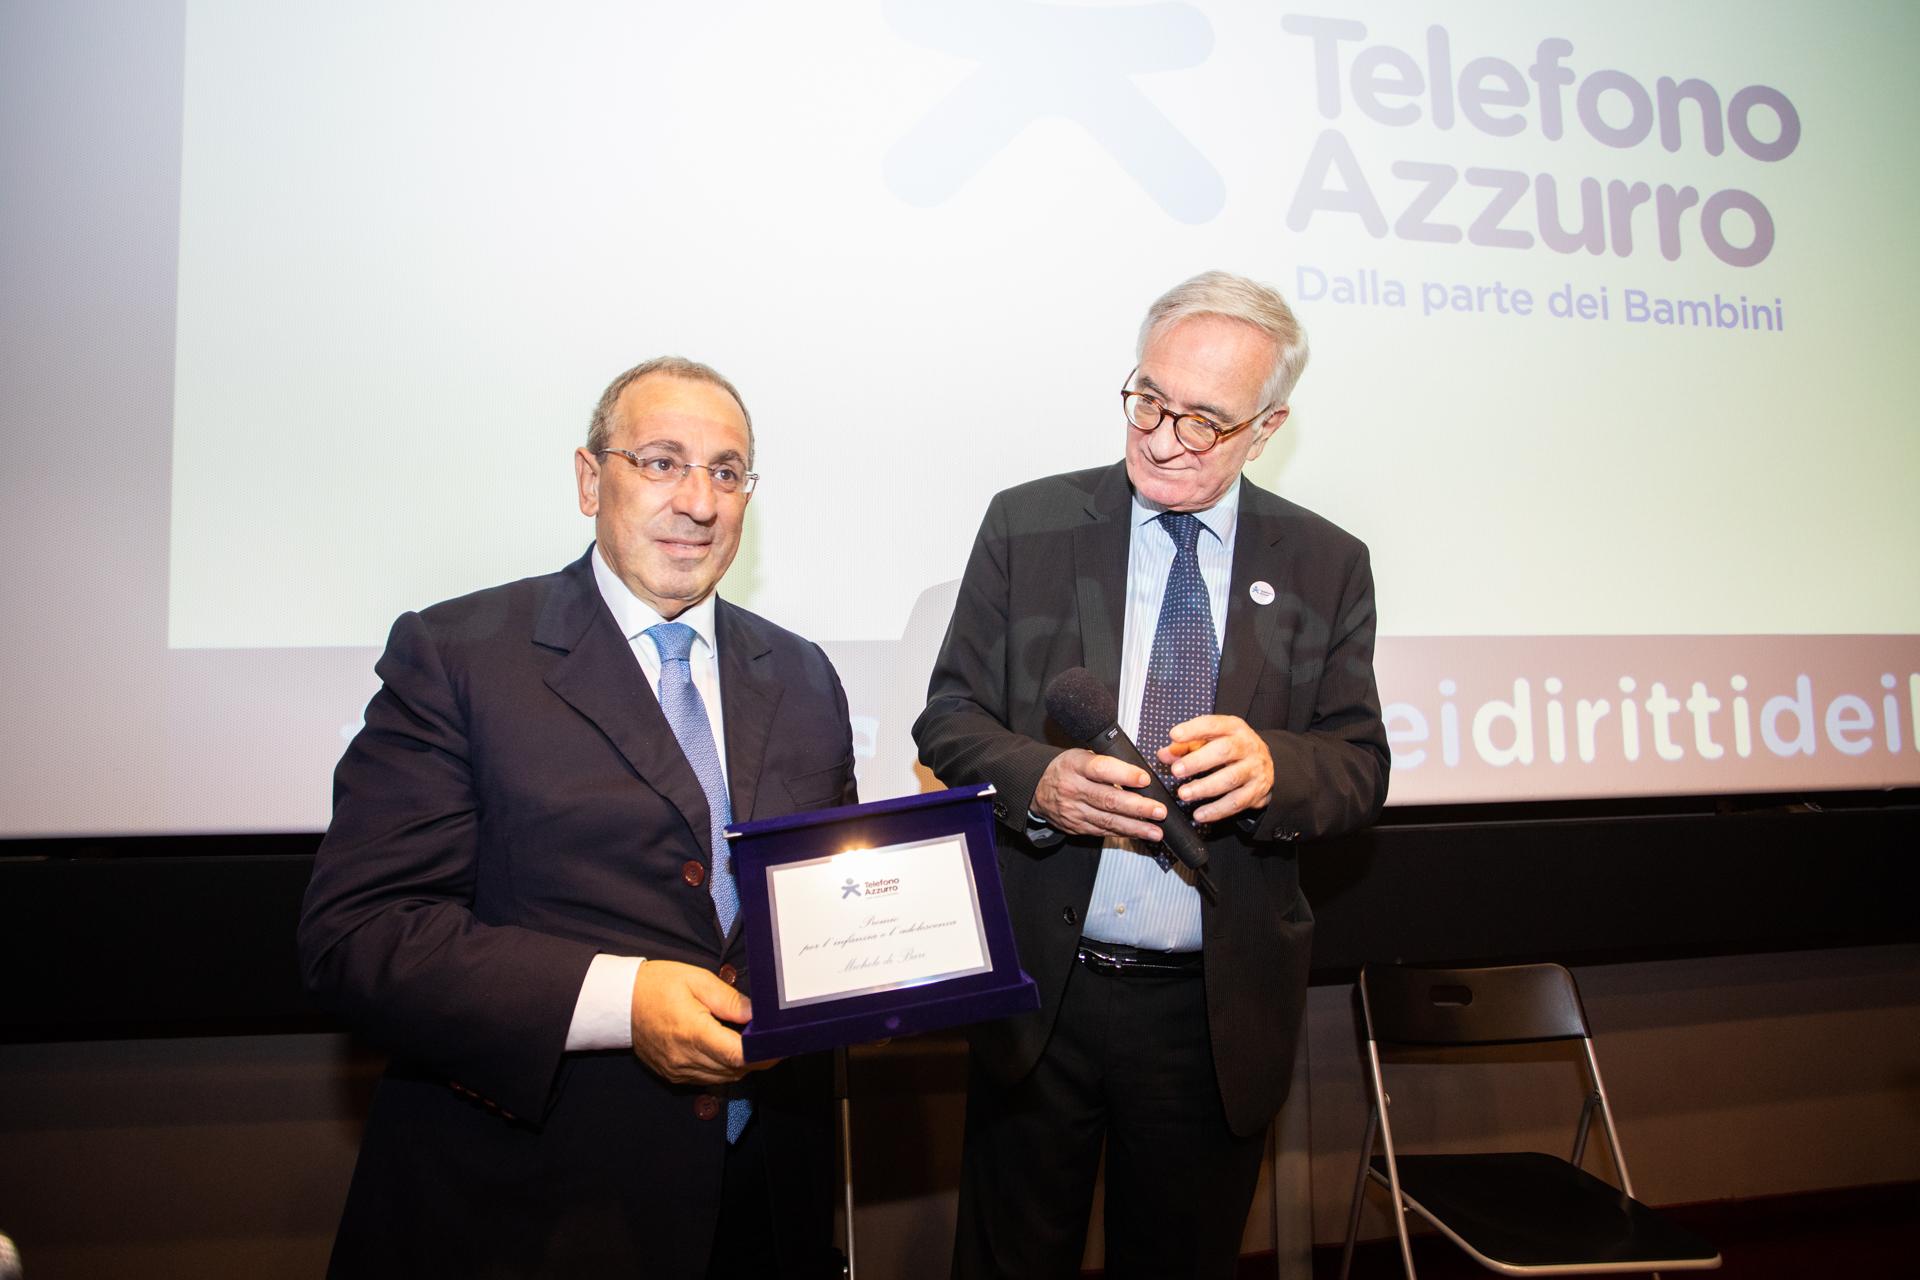 Foto del Prefetto Michele di Bari © TelefonoAzzurro